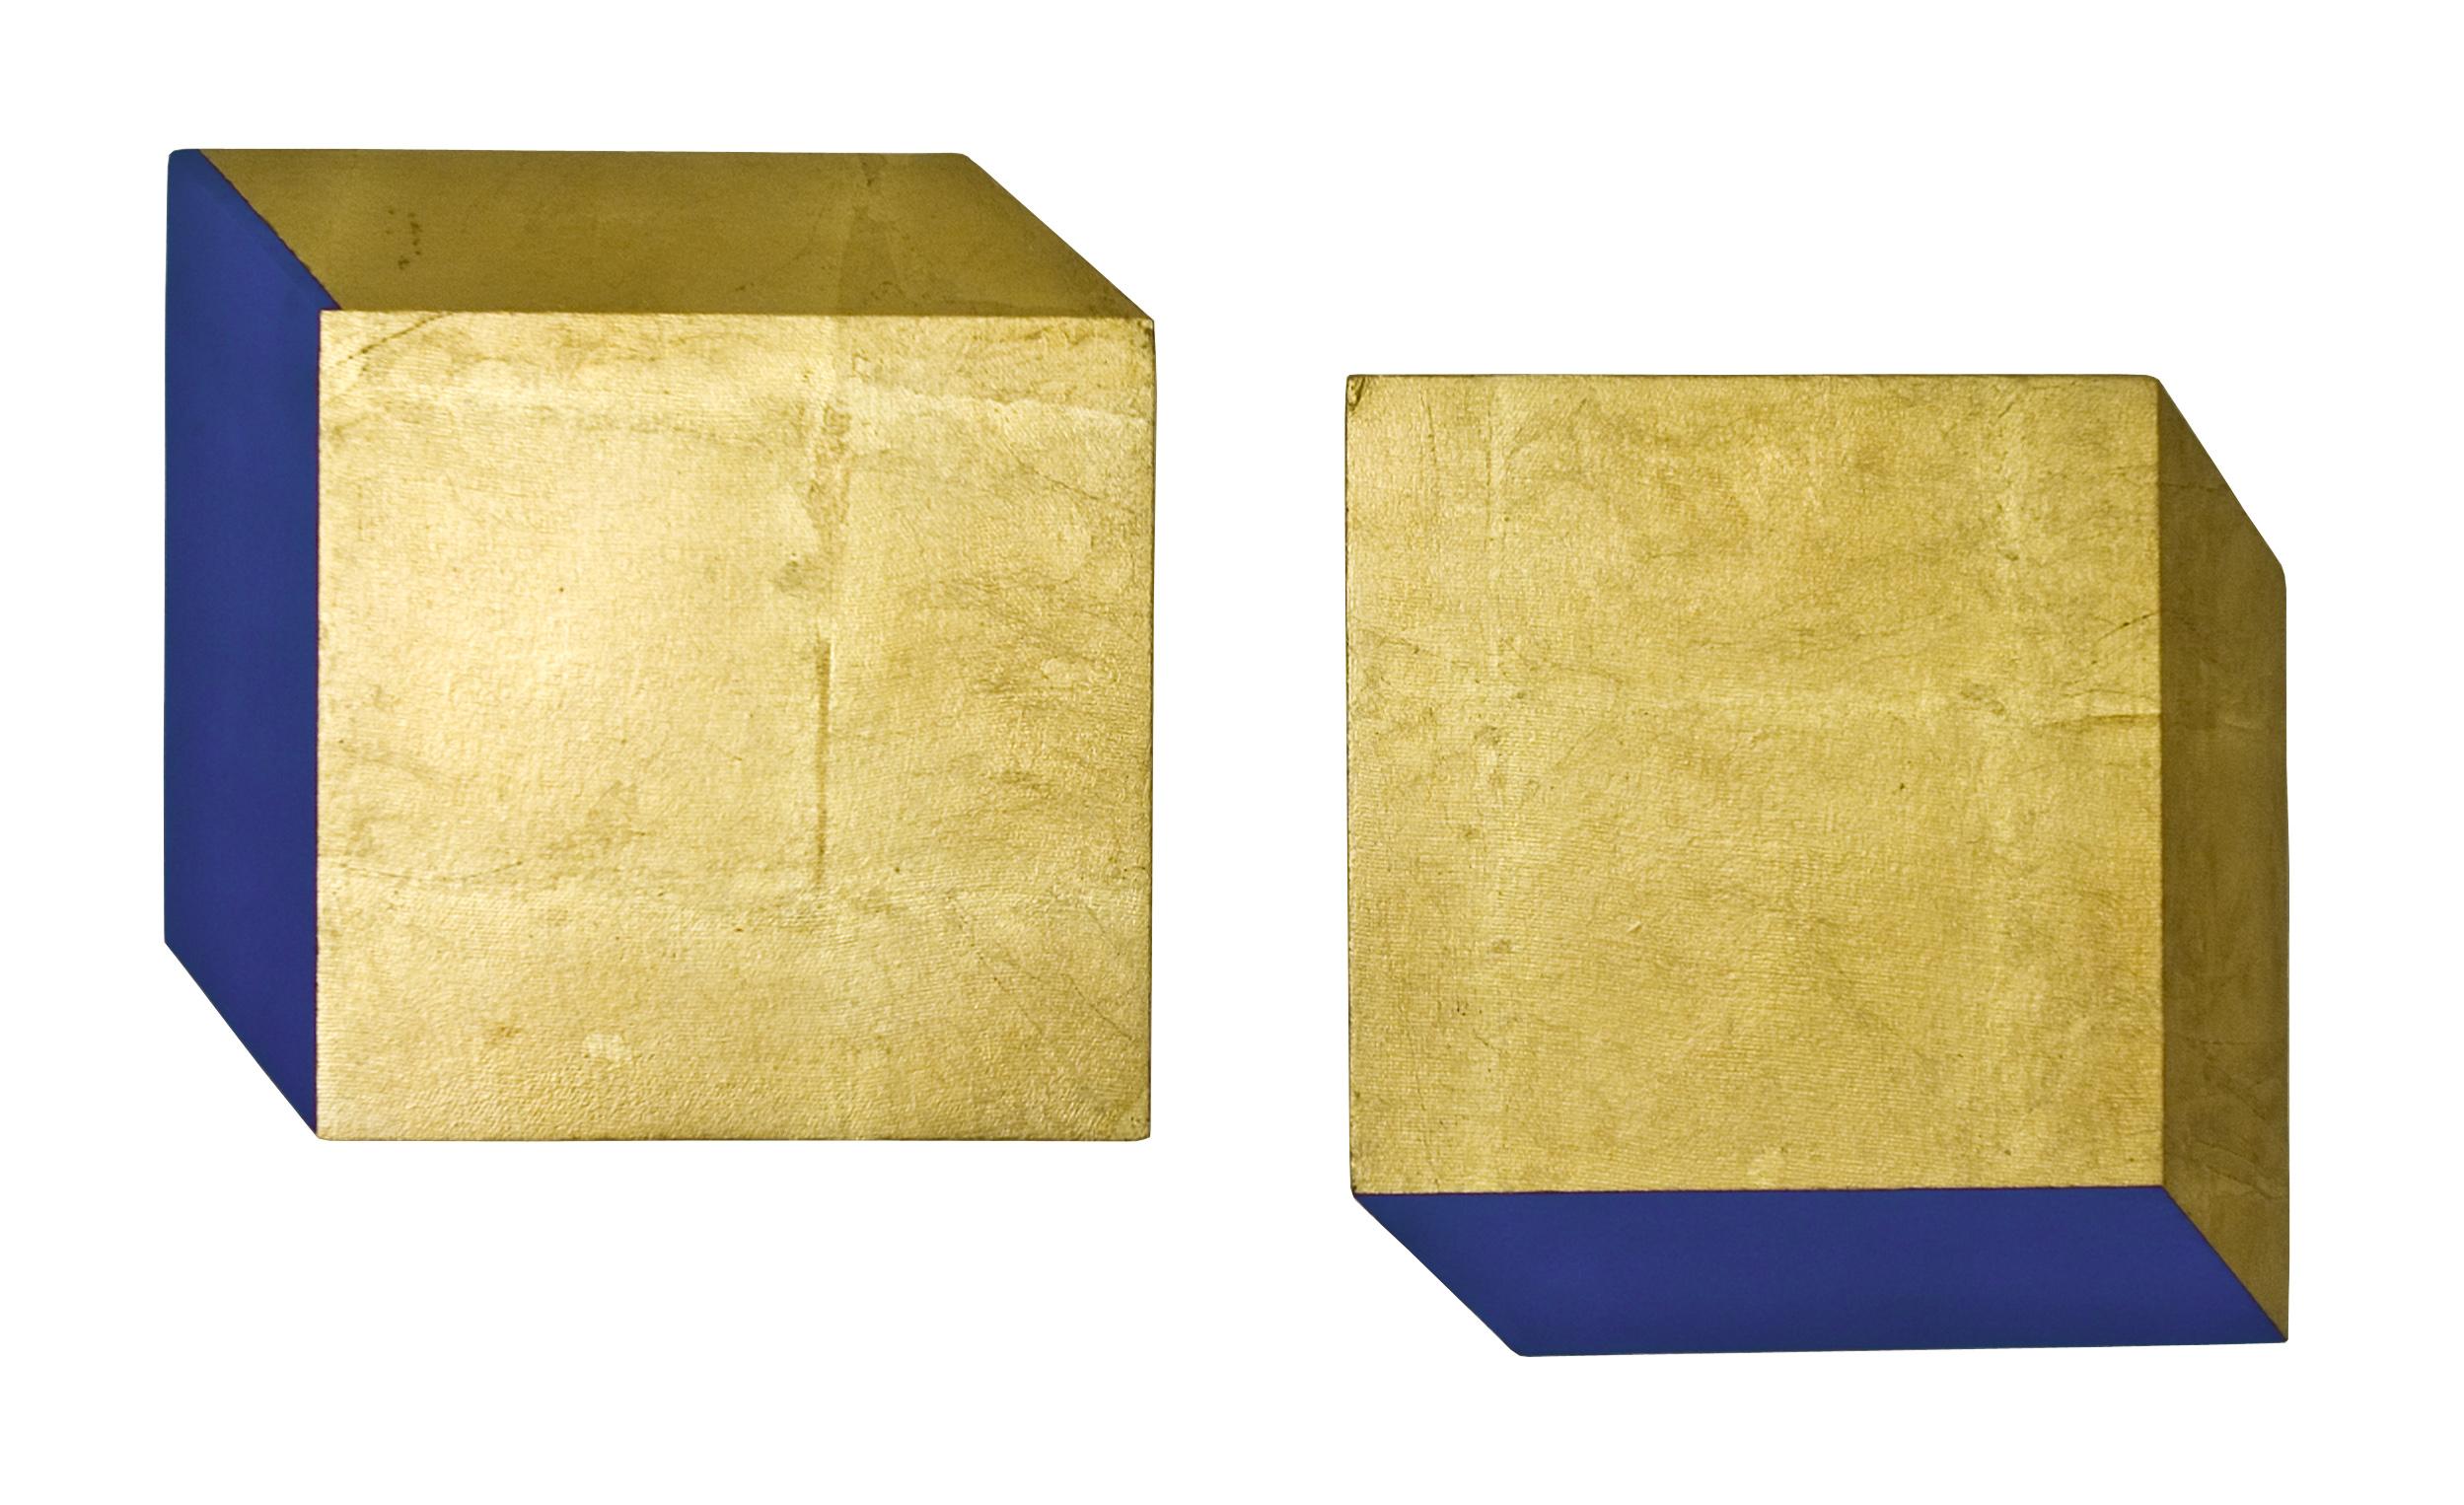 les, akril, medenina, dvakrat 40 x 40 cm, 2001